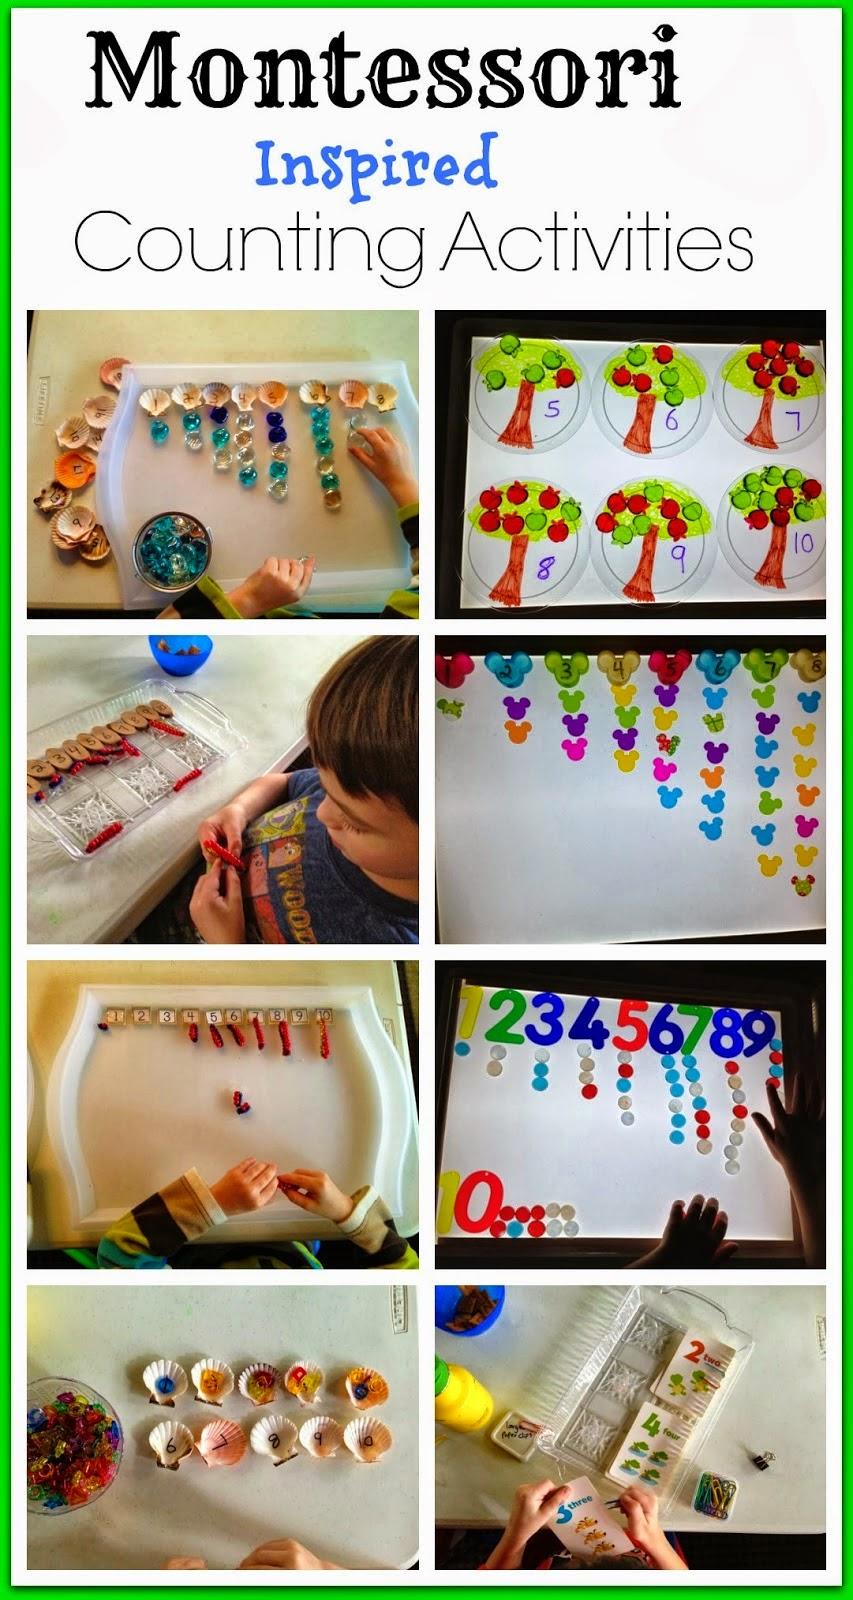 Montessori inspired counting activities